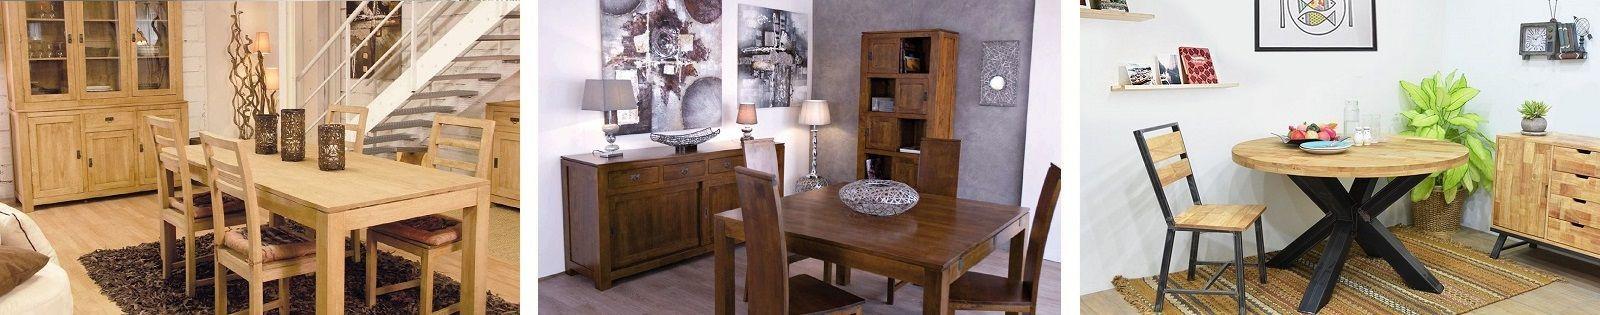 Table de salle à manger en hévéa massif, table, chaise et buffet de qualité - Lotuséa